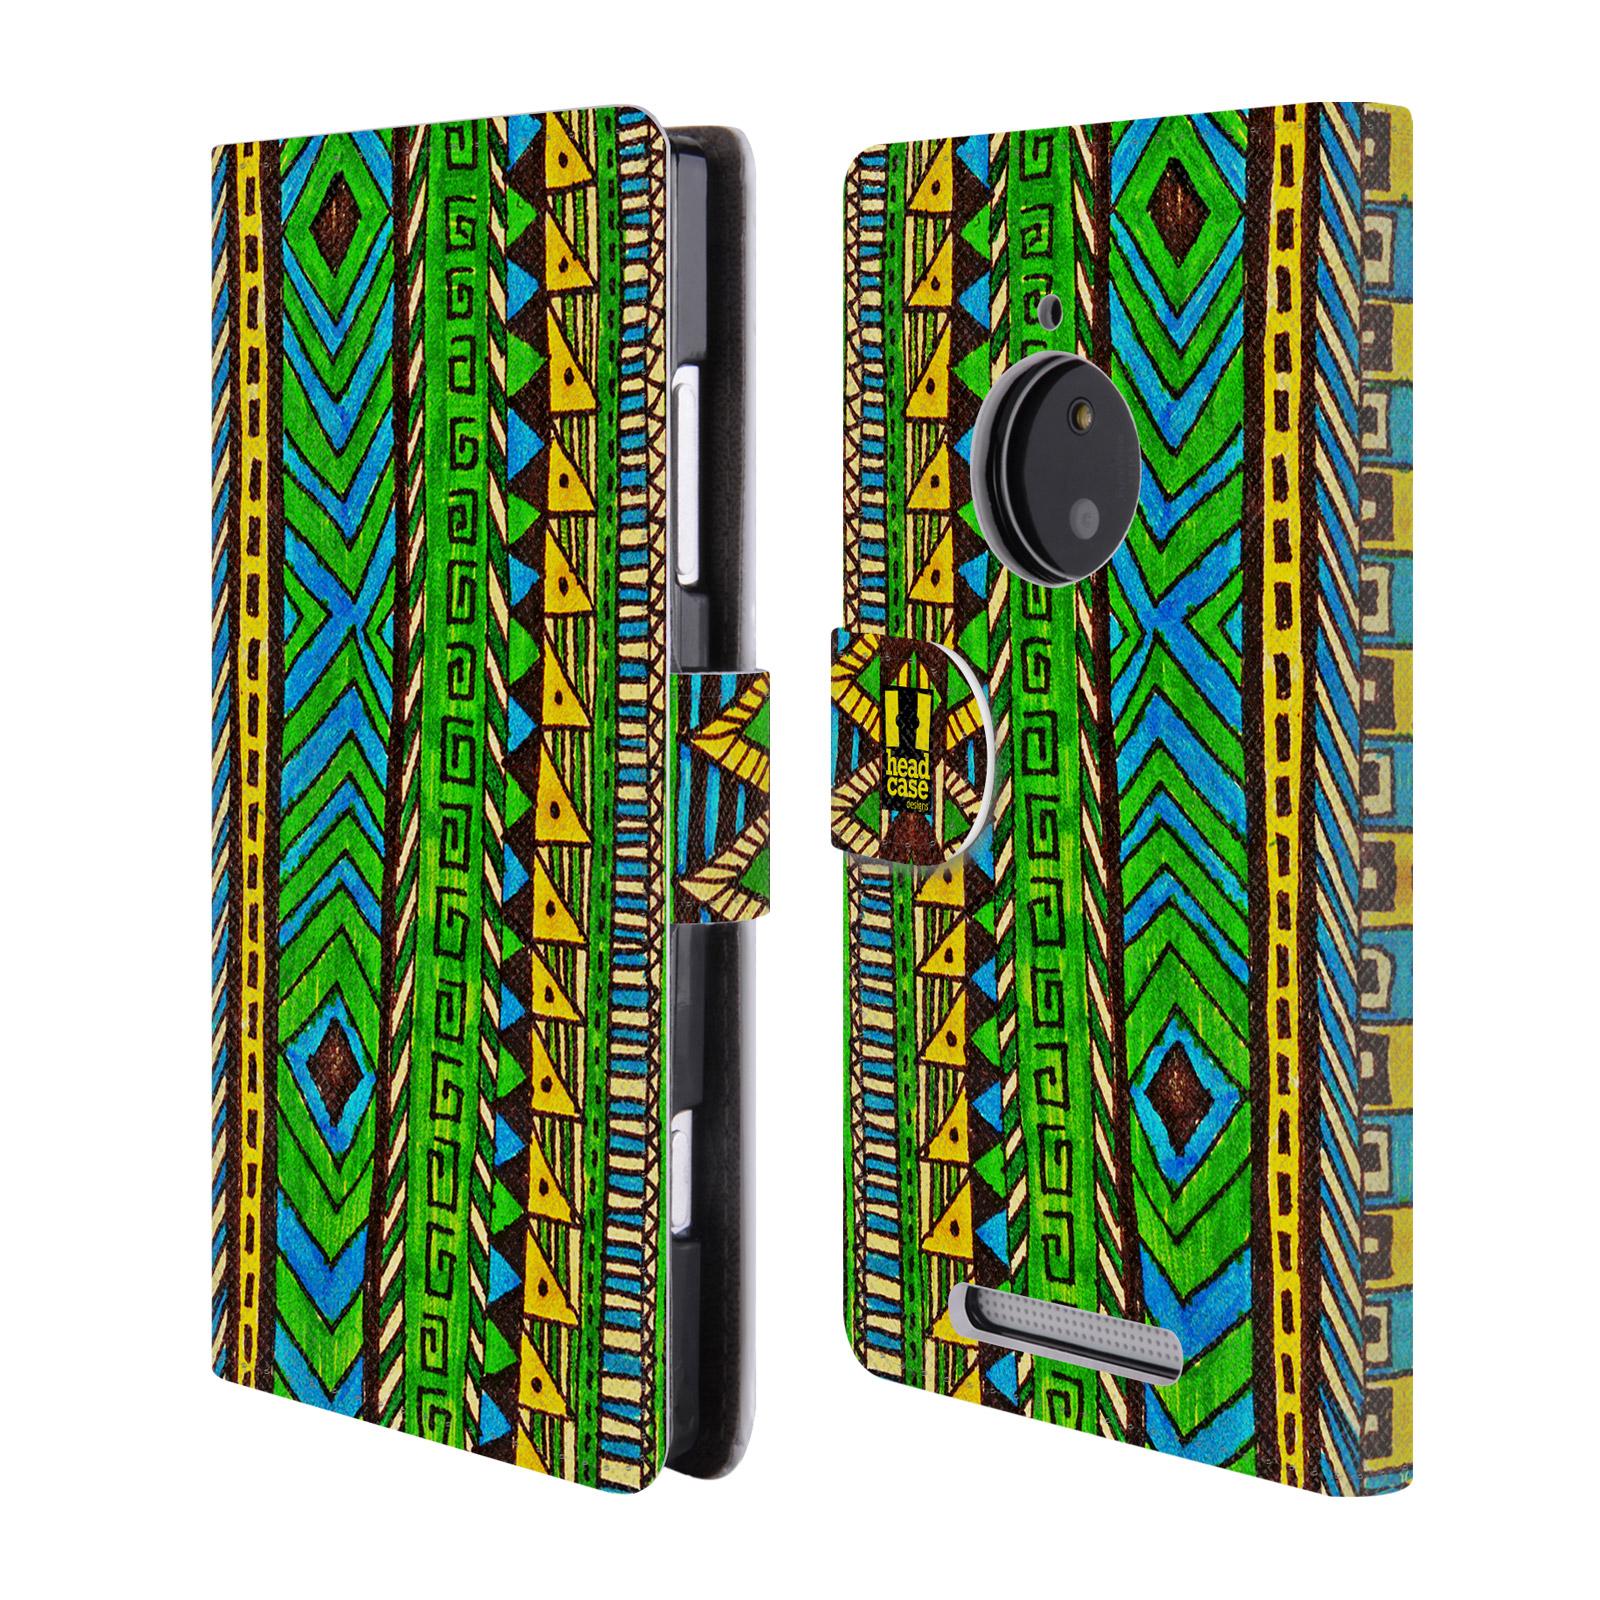 HEAD CASE Flipové pouzdro pro mobil NOKIA LUMIA 830 Barevná aztécká čmáranice zelená